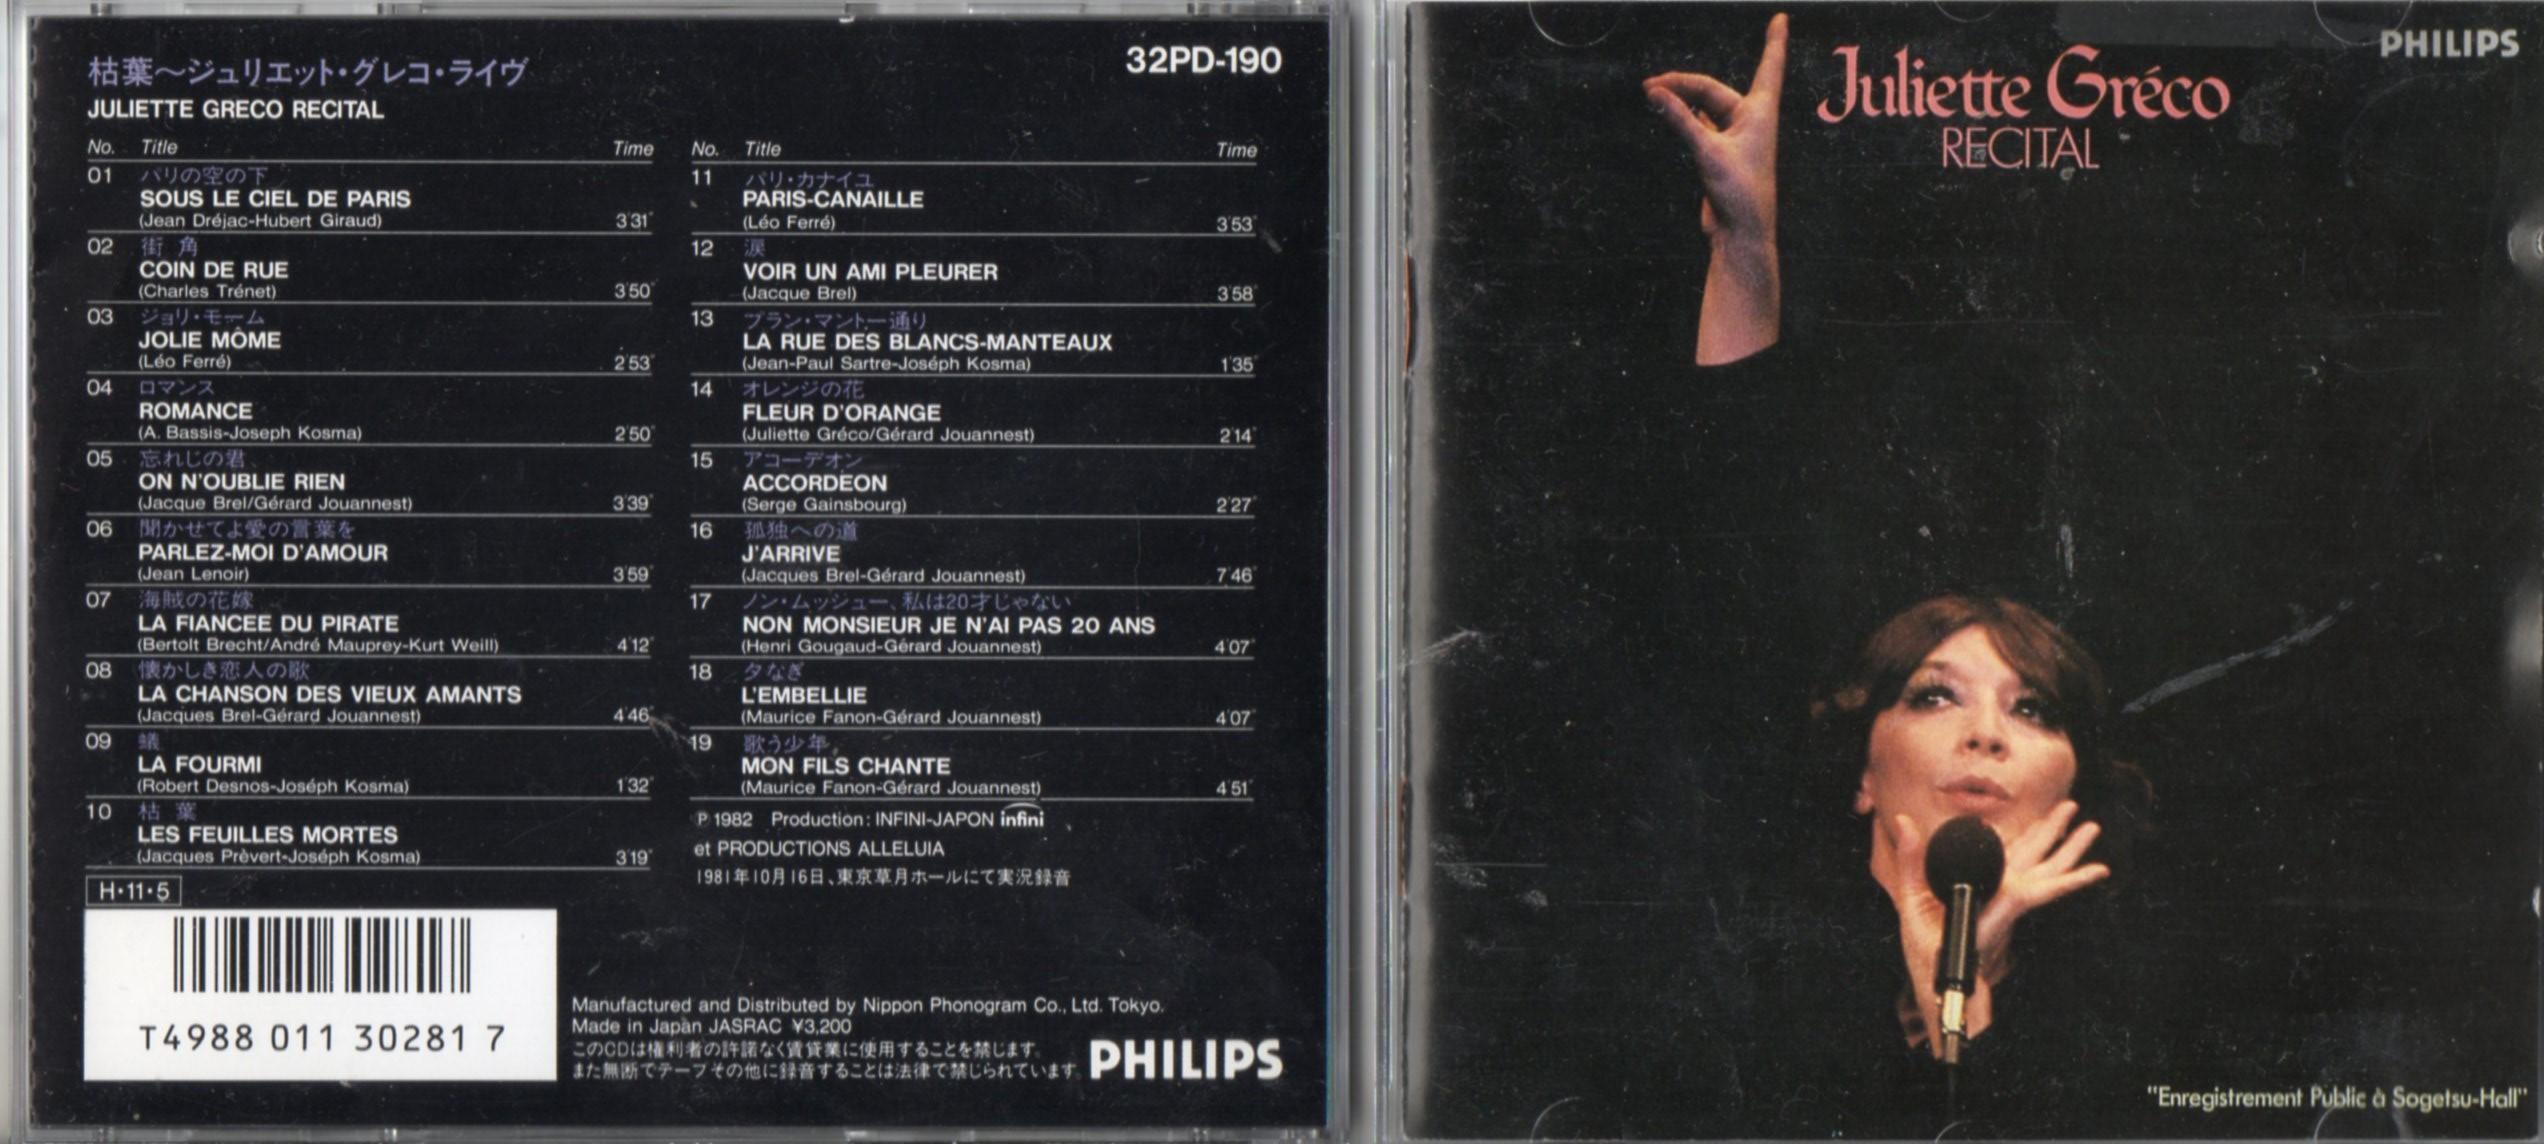 JULIETTE GRÉCO - Jolie Mome 1959 - 1963 - CD